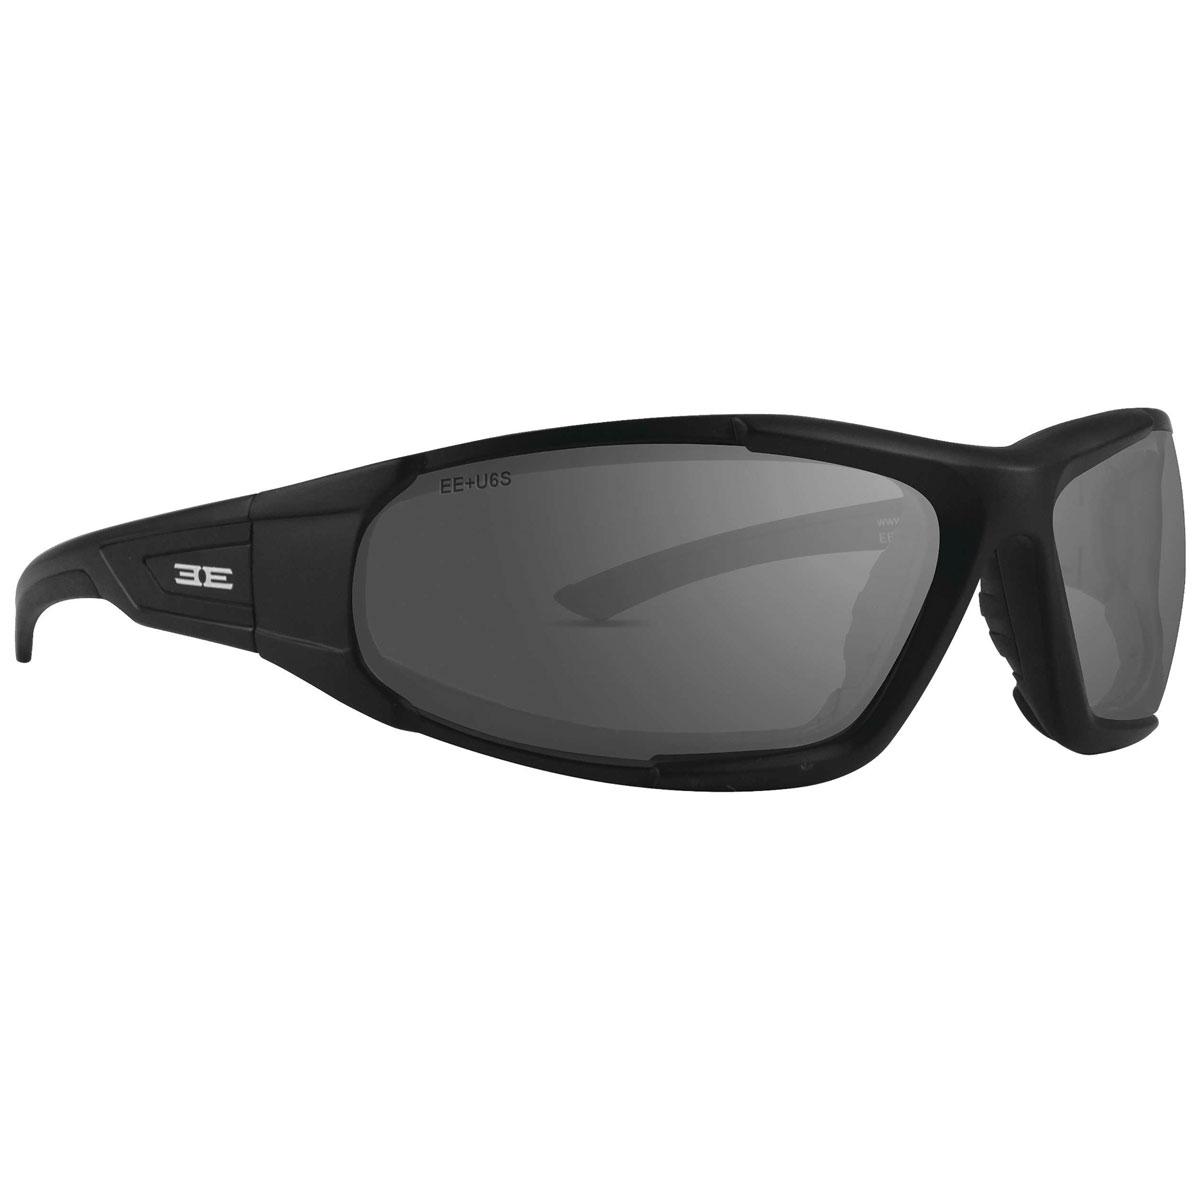 Epoch Eyewear Foam 2 Sunglasses with Smoke Lens